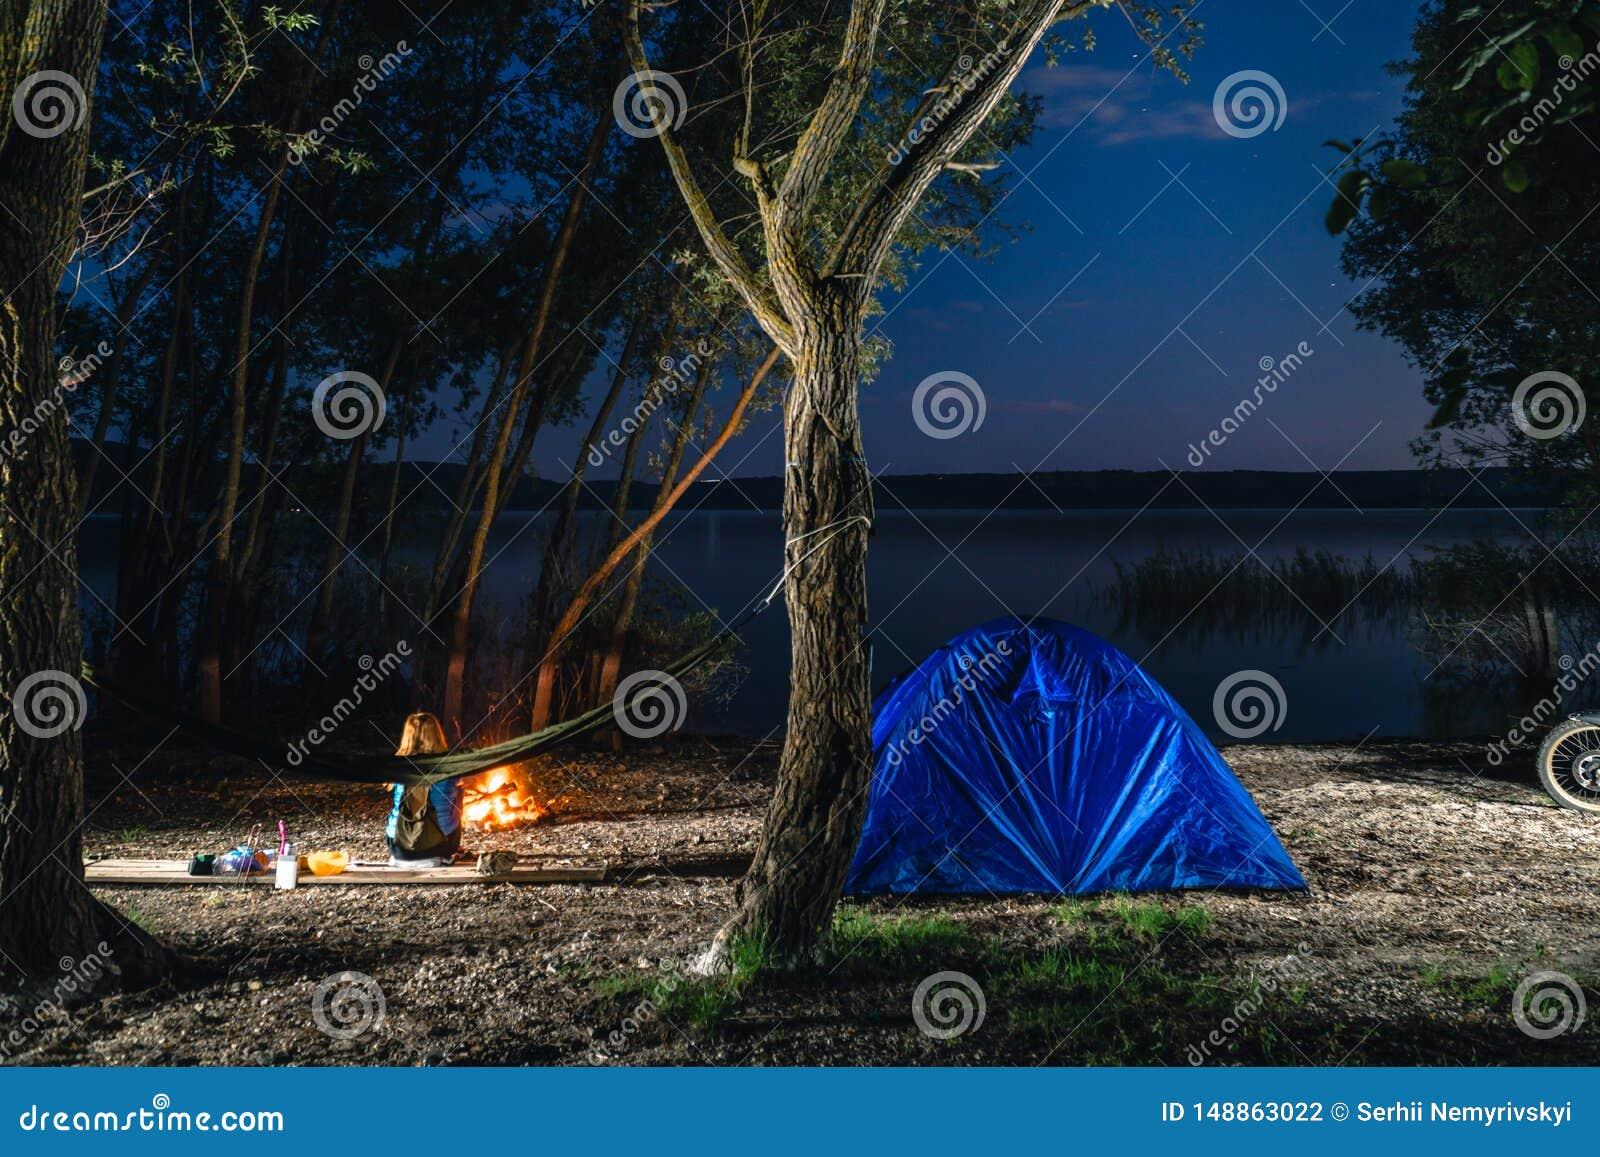 Hammok и девушка сидят около костра Голубой располагаясь лагерем шатер загорелся внутрь Место для лагеря часов ночи Воссоздание и